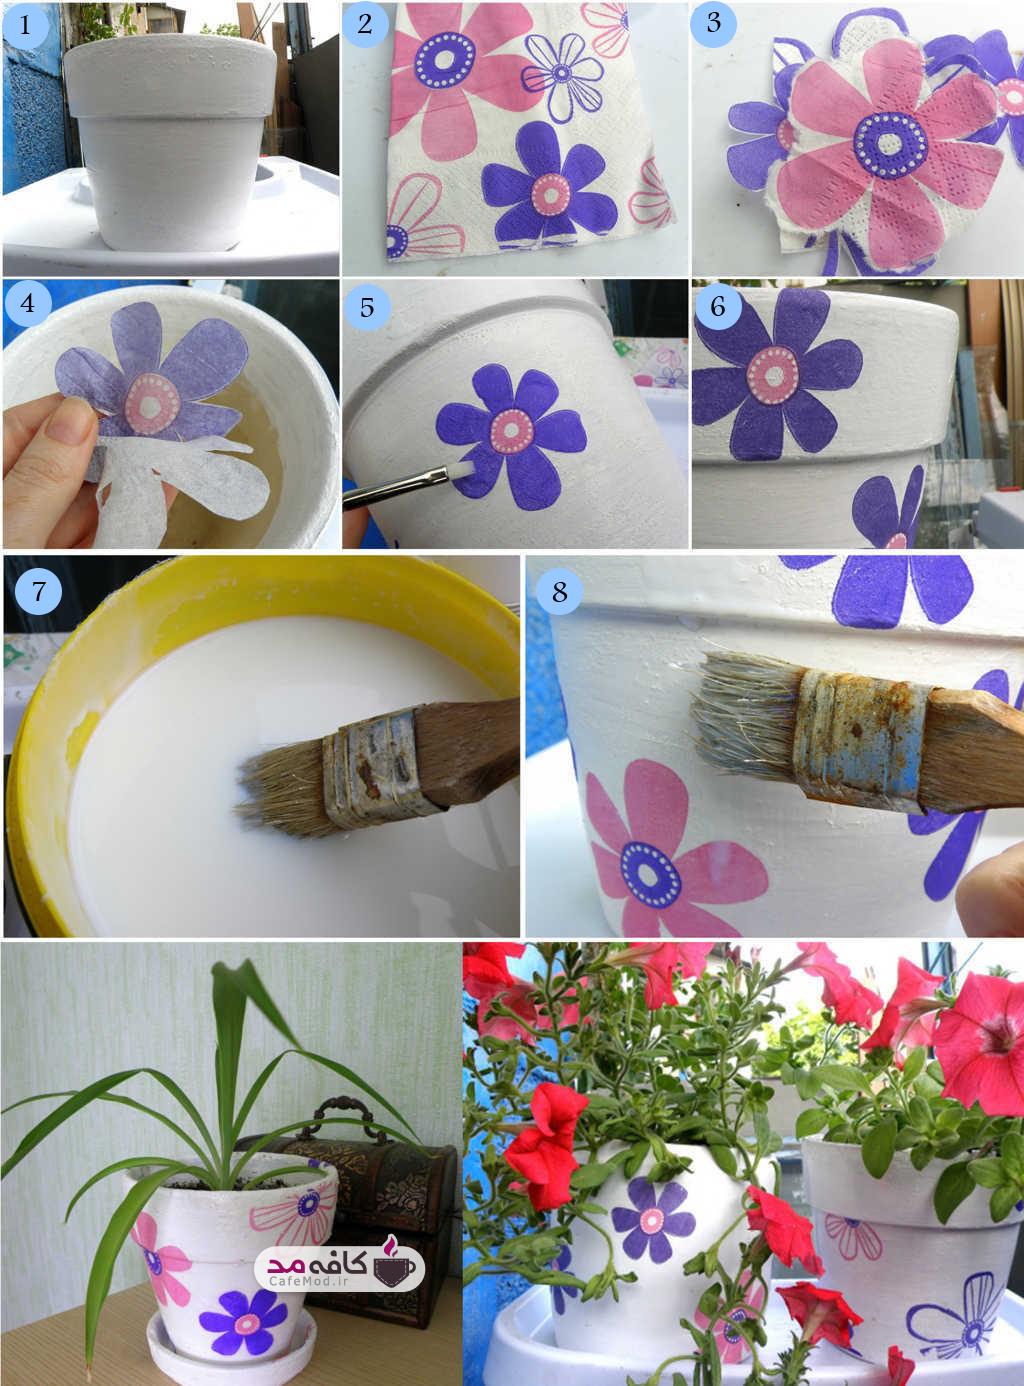 آموزش دکوپاژ روی گلدان